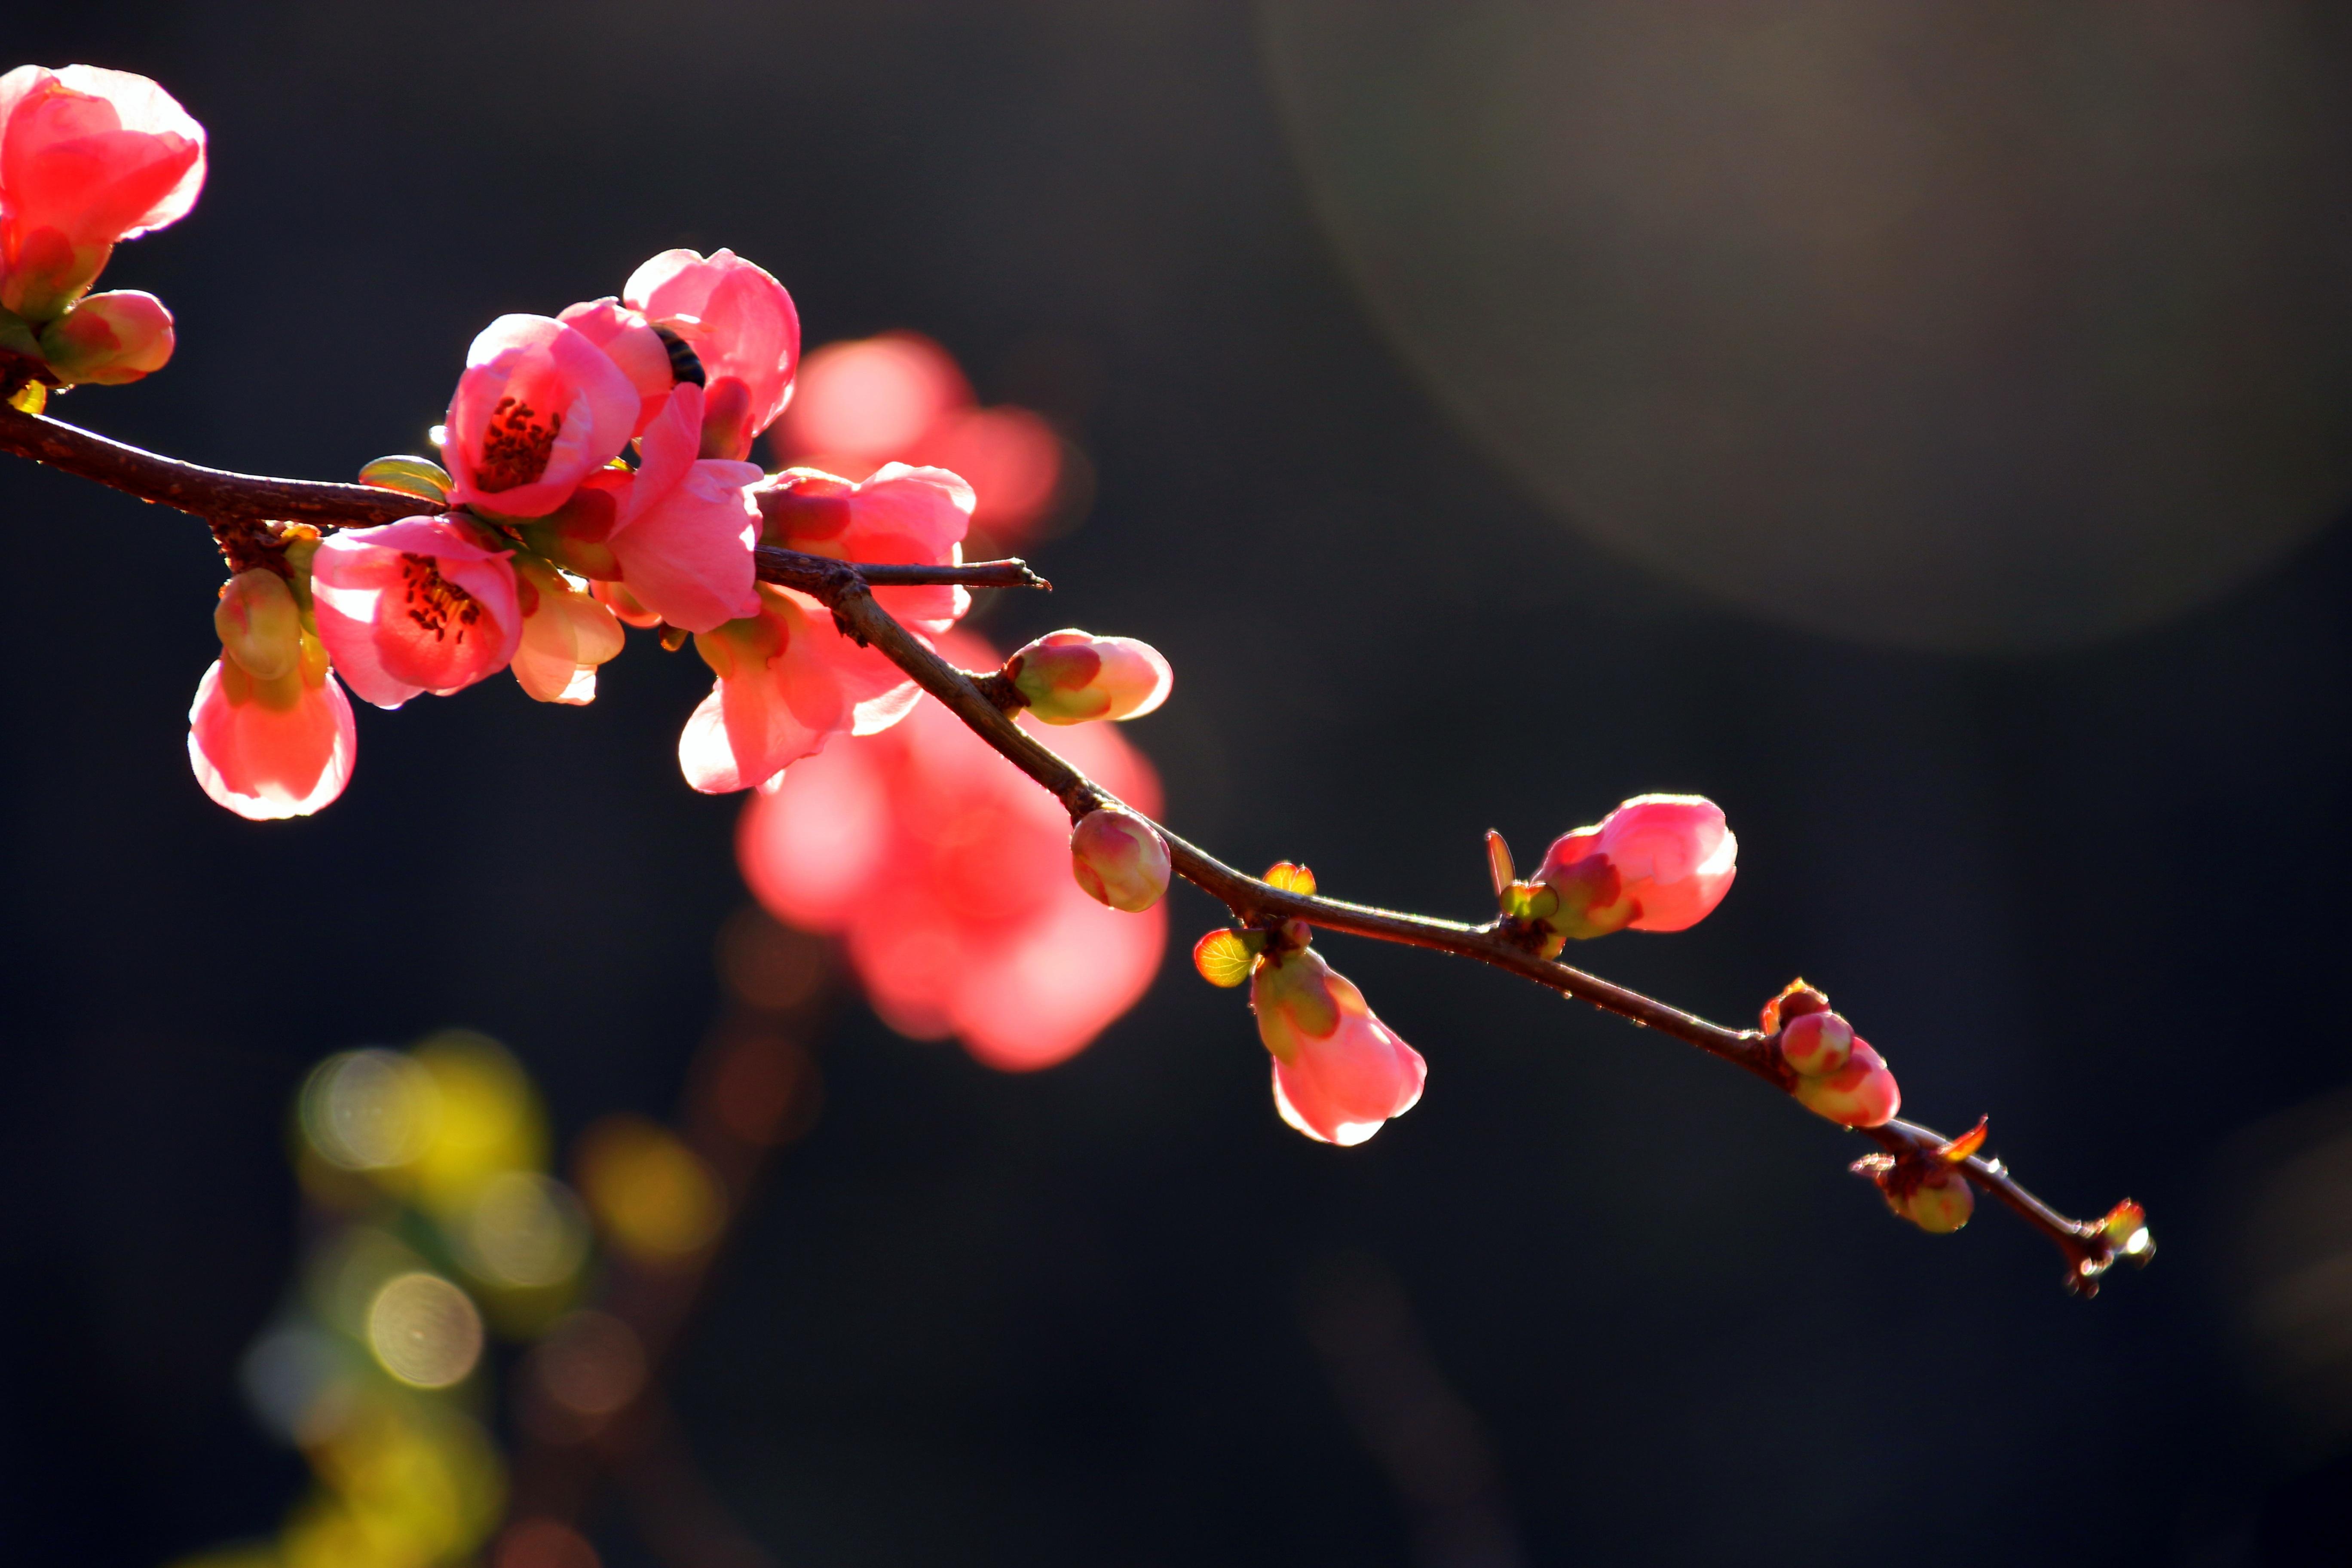 images gratuites arbre la nature branche fleur hiver ciel la photographie fruit. Black Bedroom Furniture Sets. Home Design Ideas